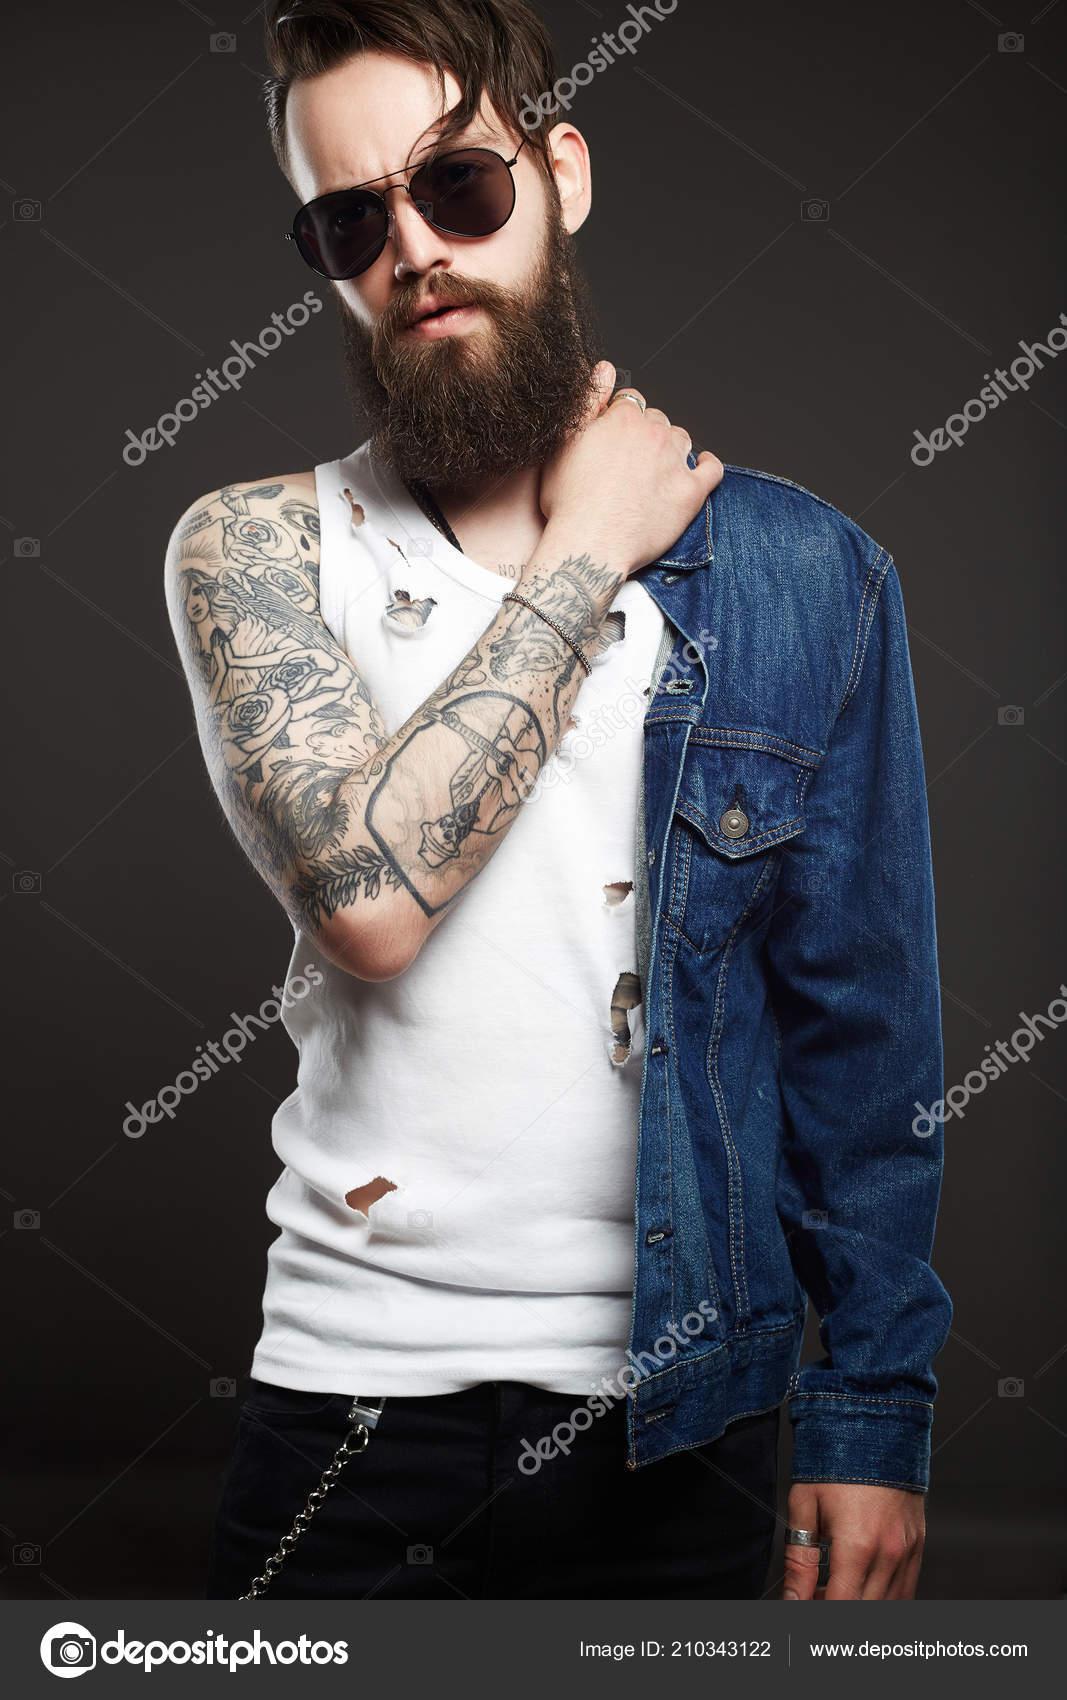 Moda Hombre Guapo Con Tatuajes Gafas Sol Hipster Barba Sexy — Fotos de Stock e2a610bf959